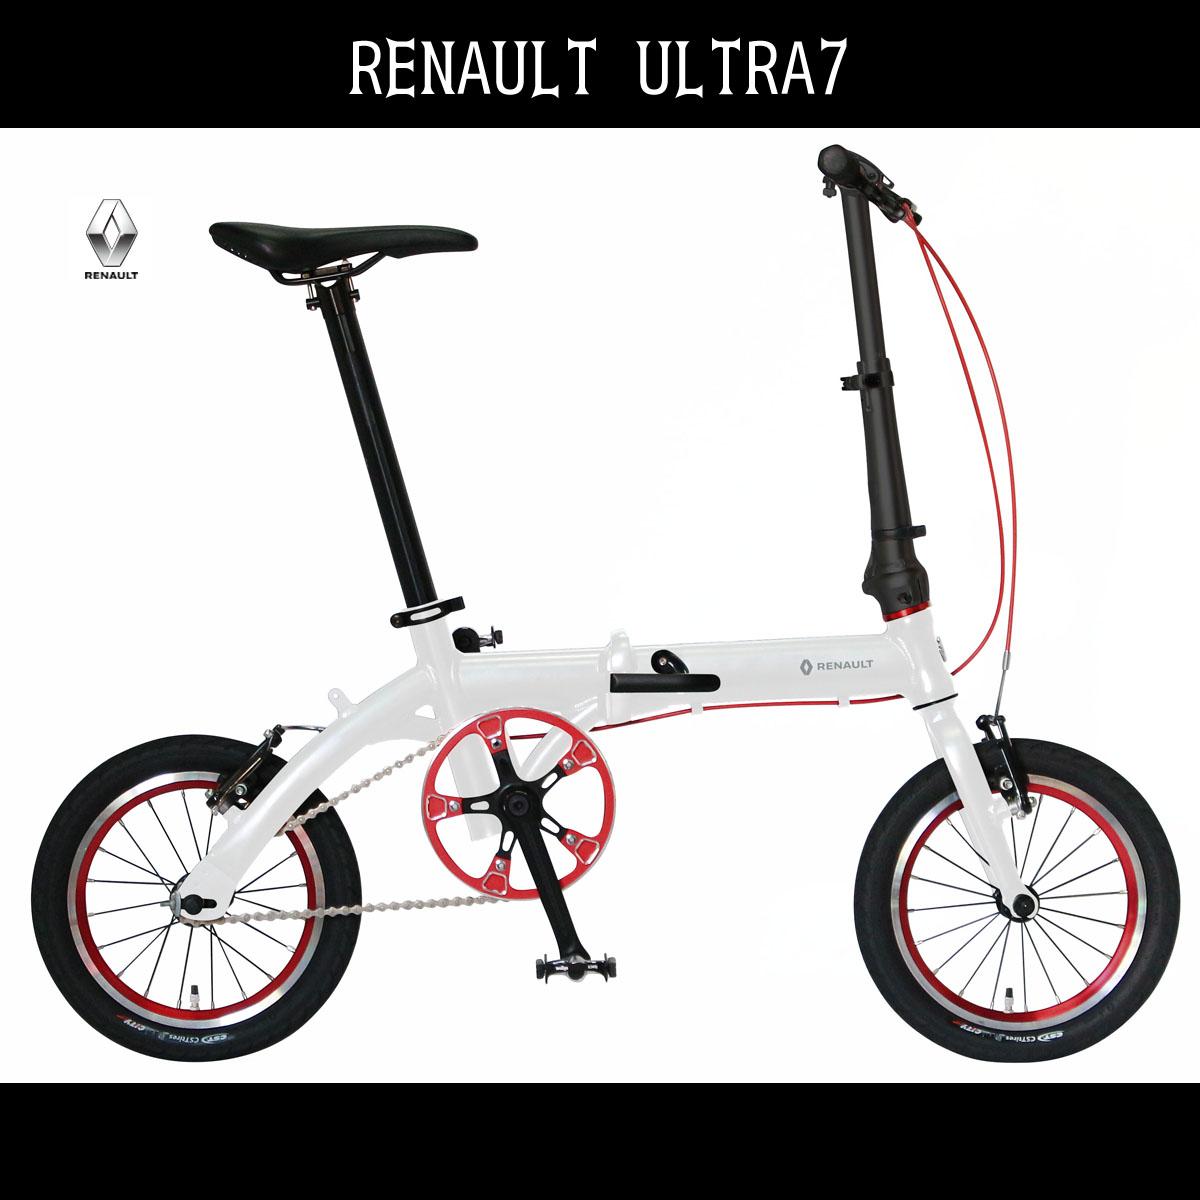 配送先一都三県一部地域限定送料無料 7(ウルトラライトセブン)アルミニウム LIGHT ULTRA 折りたたみ自転車 ギアなしルノー 軽量 自転車 14インチ ホワイト/白 RENAULT 自転車 ルノー 折りたたみ自転車 自転車 おしゃれ